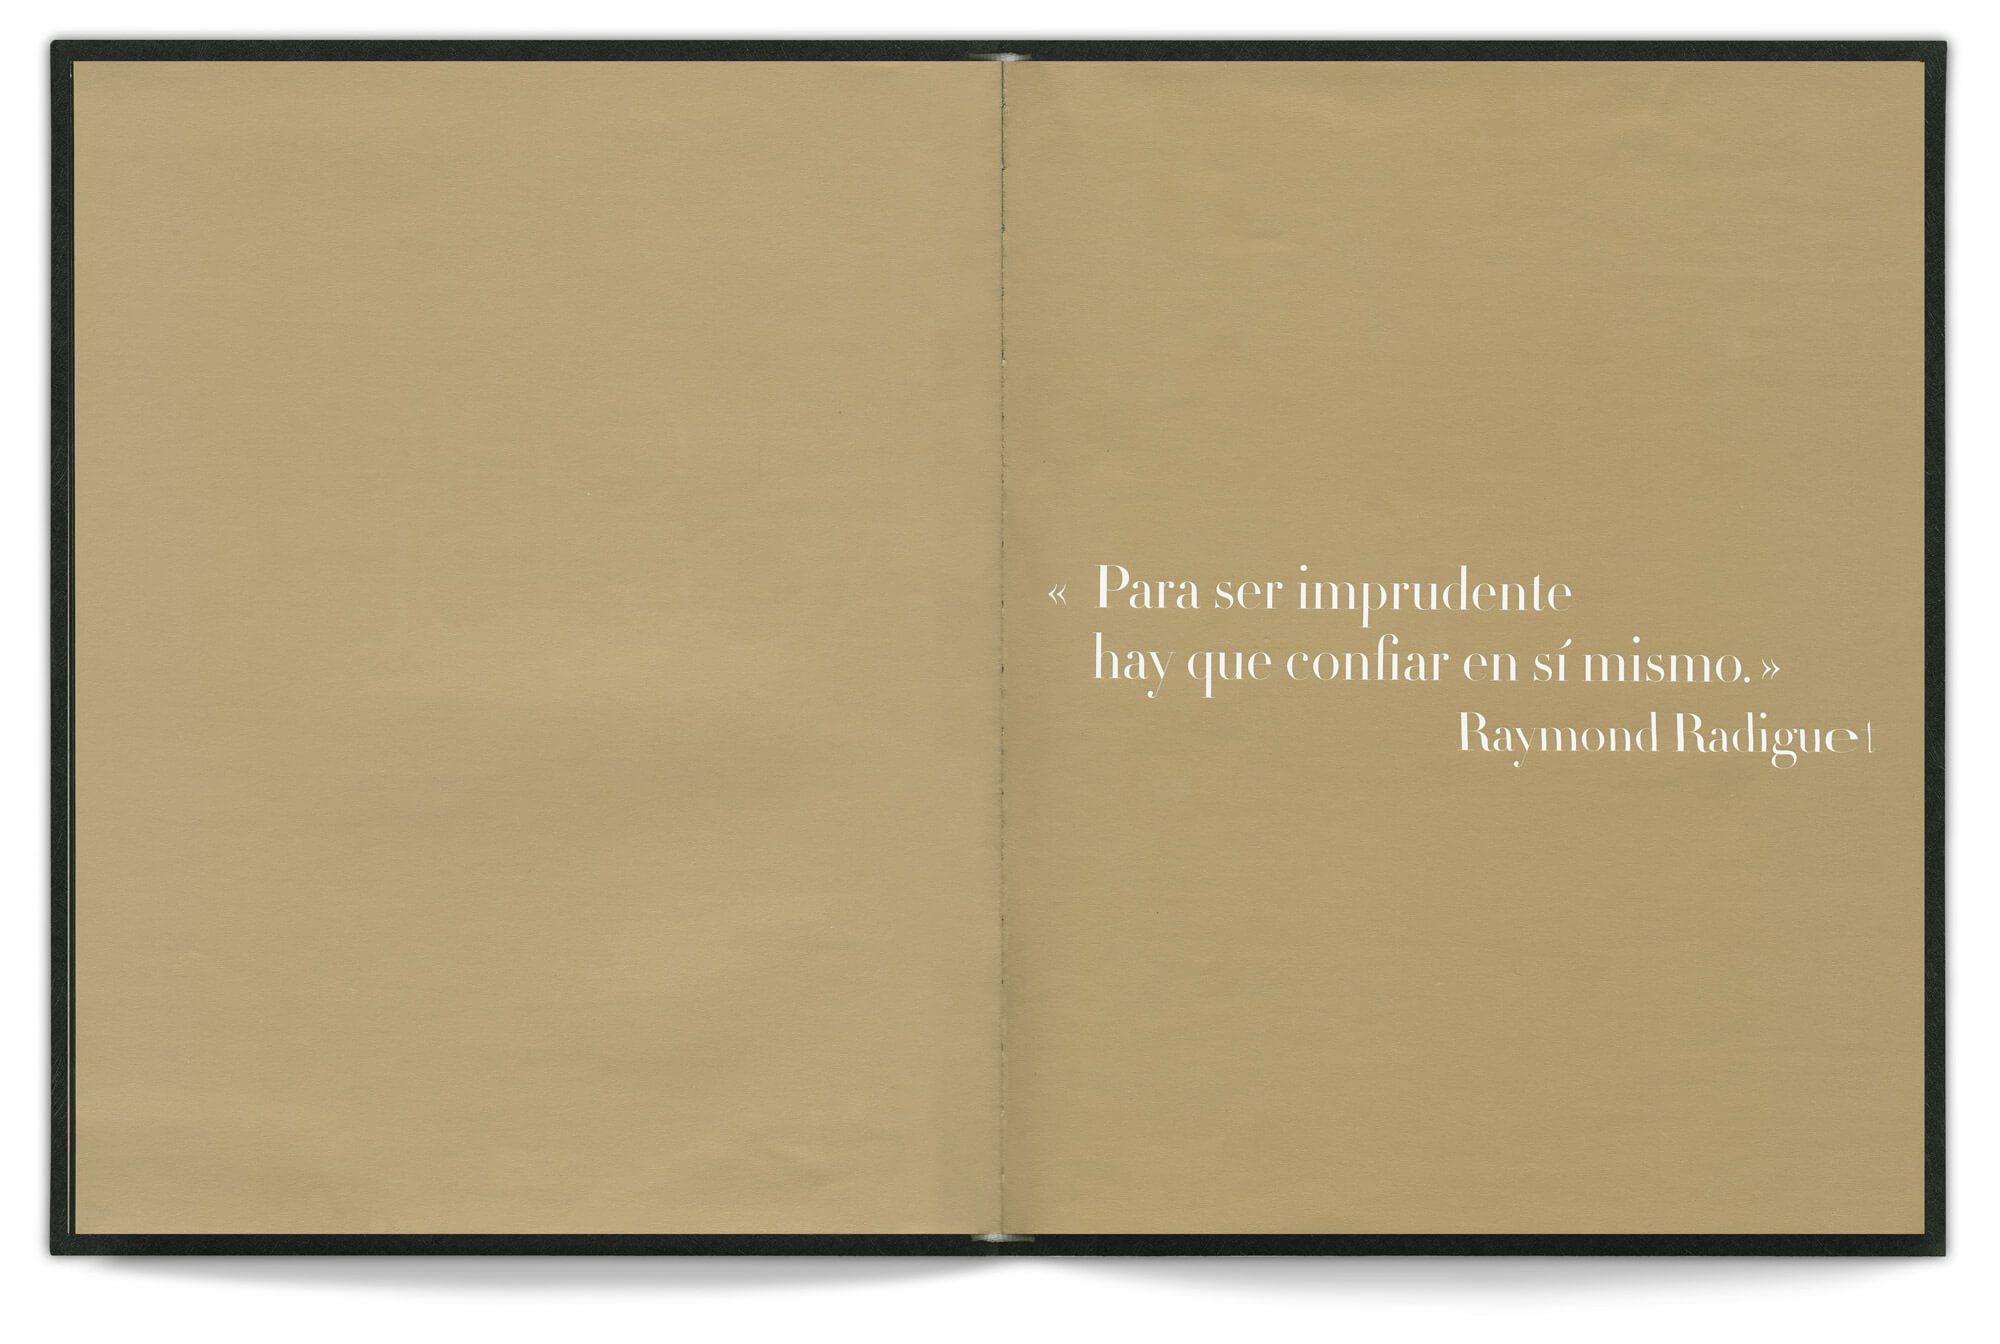 Une citation de Raymond Radiguet dans le livre d'Emmanuel Pucault, fondateur de Chic by accident, design editorial IchetKar